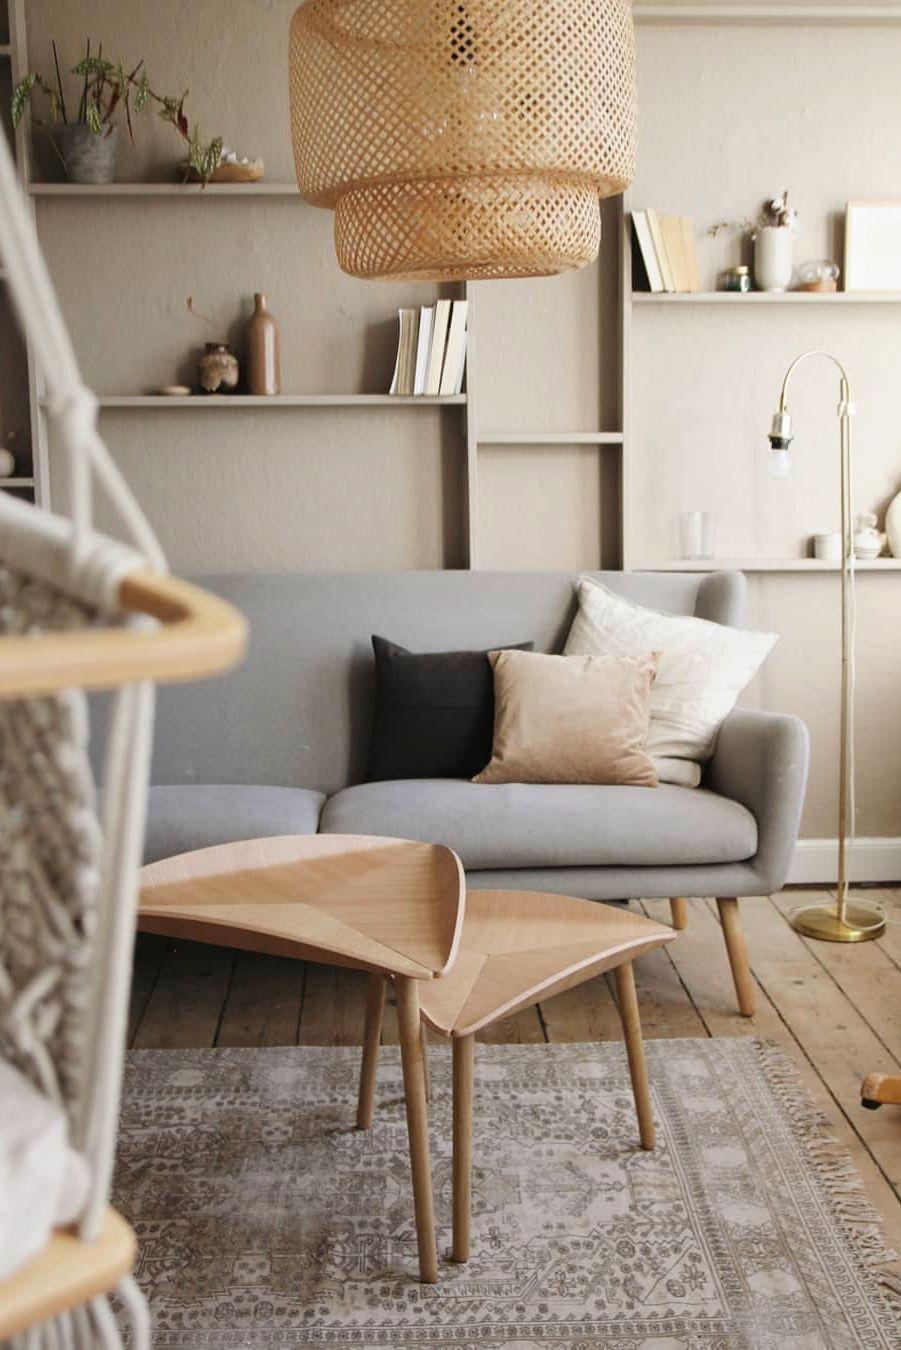 Hjemme hos Diana @diana.mwabala gør de brug af rolige jordfarver. De to TRIAS borde af designeren Mia Lagerman, står smukt i den lyse stue.  TRIAS håndlaves af FSC-certificeret træ 🌿 . . . . #indretning #skandinaviskehjem #boligindretning #indretningsinspiration #nordiskdesign #sustainabledesign #boligdesign #bæredygtigt #minstue #bolig #møblermedomtanke #triasbord #boliginspiration #nordiskstil #skandinaviskdesign #sofabord #livingroom #bæredygtigtdesign #sustainablefurniture #sustainable